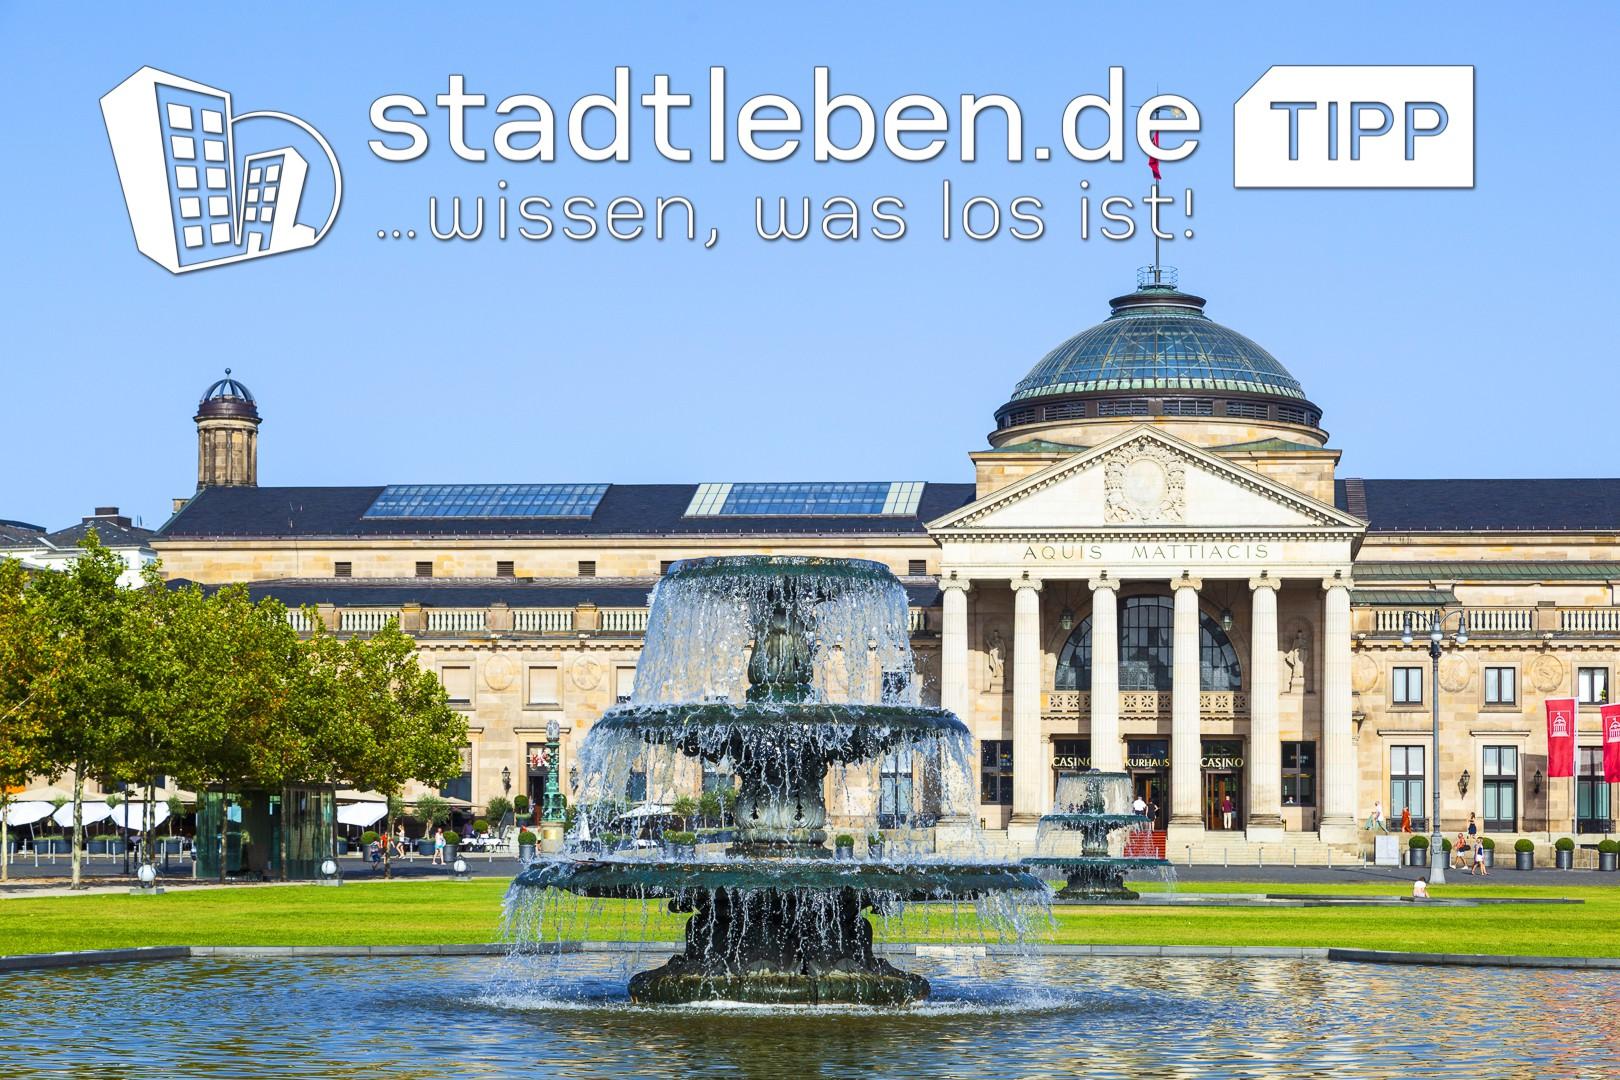 Springbrunnen, Park, Wiesbaden, Ausflug, Kulturhaus